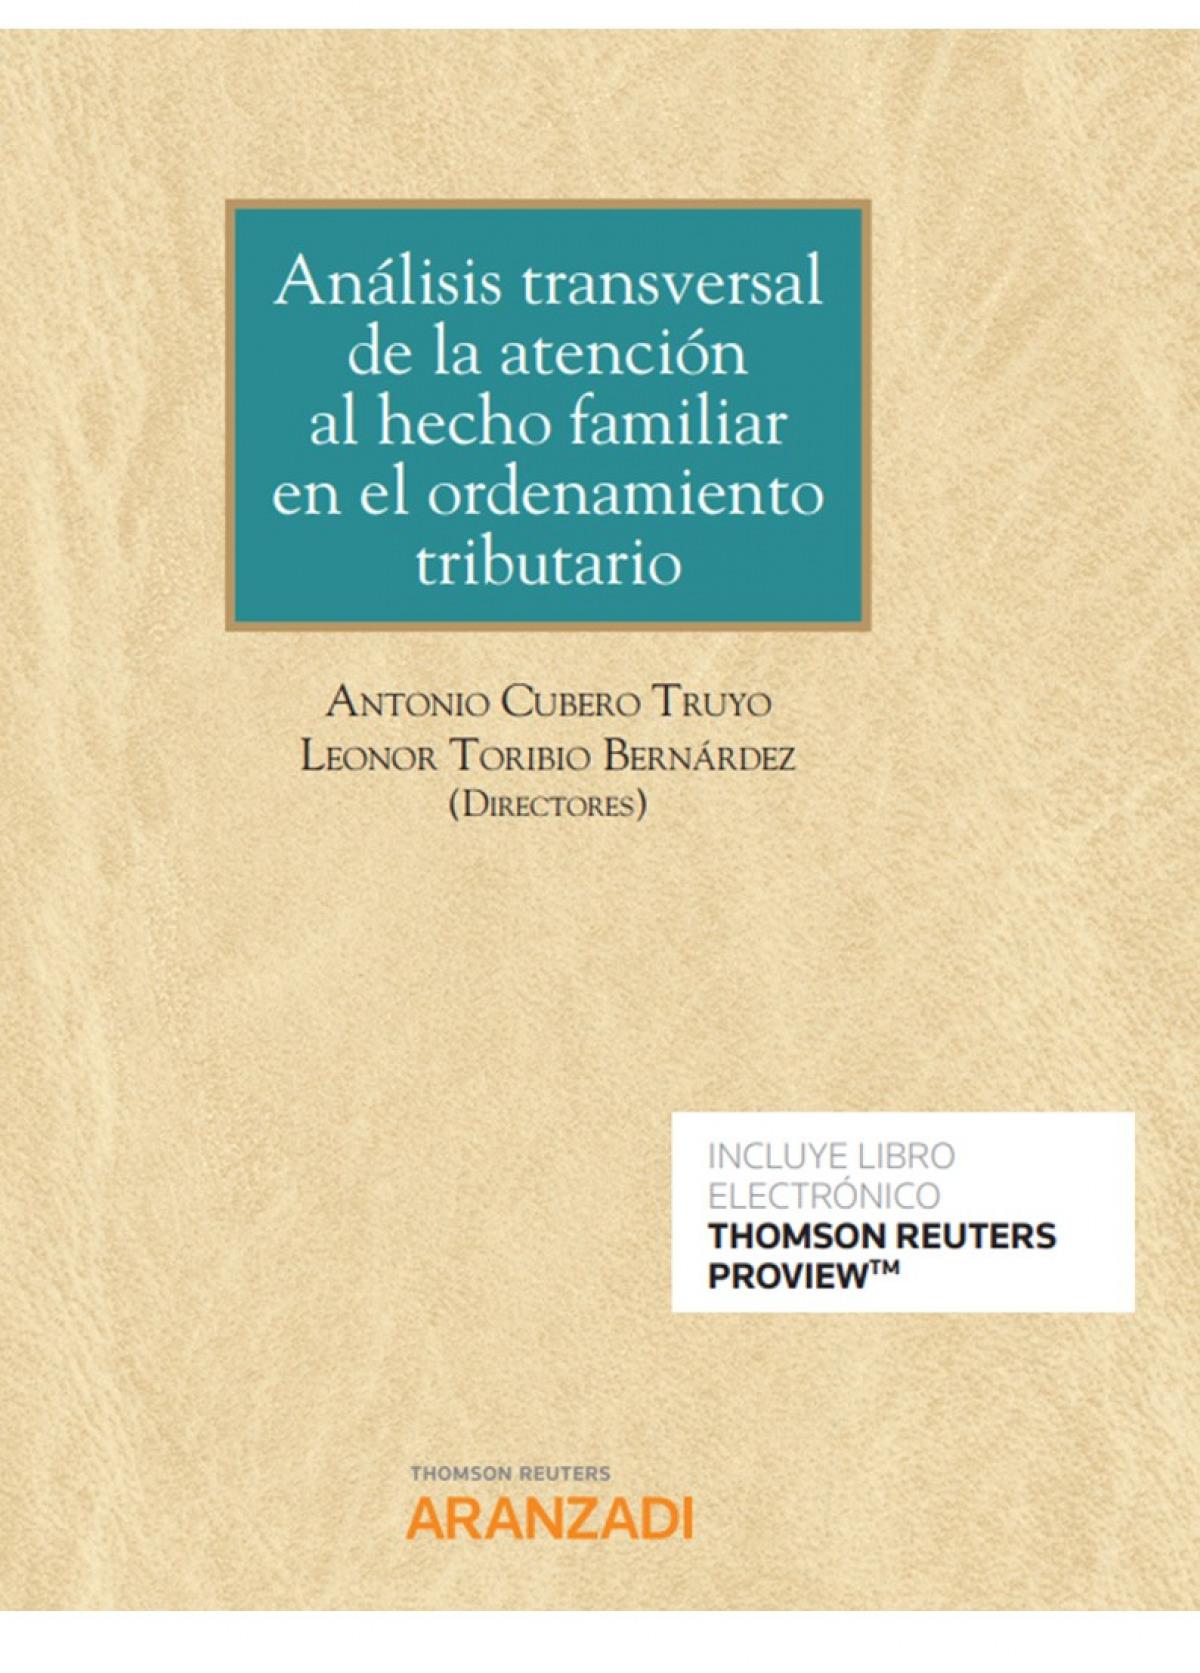 ANALISIS TRANSVERSAL ATENCION HECHO FAMILIAR ORDENAMIENTO